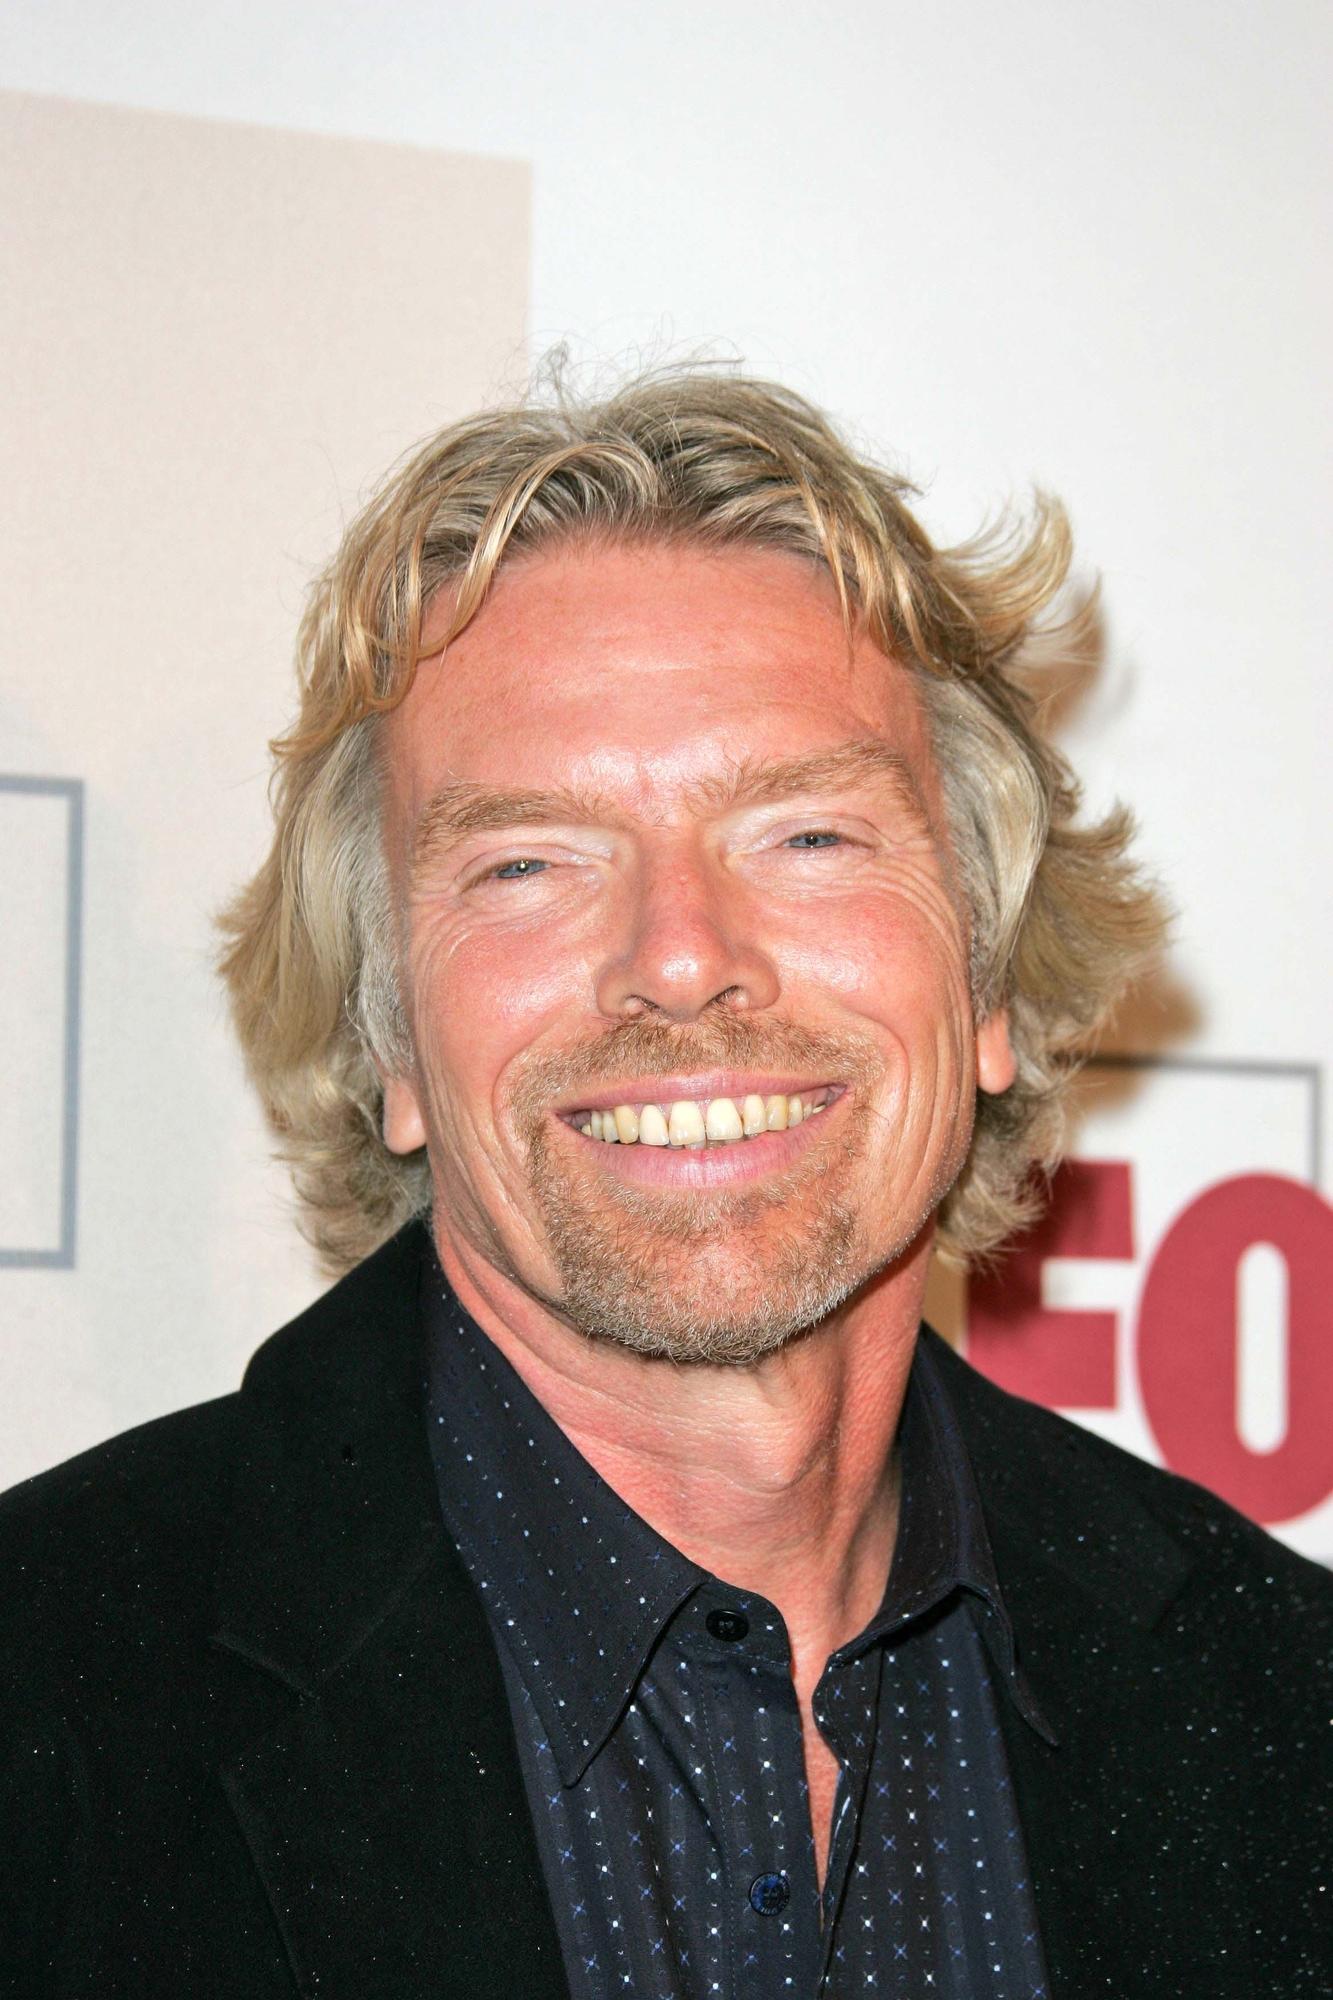 Richard Branson en orbite : Messires les Anglais, tirez les premiers !